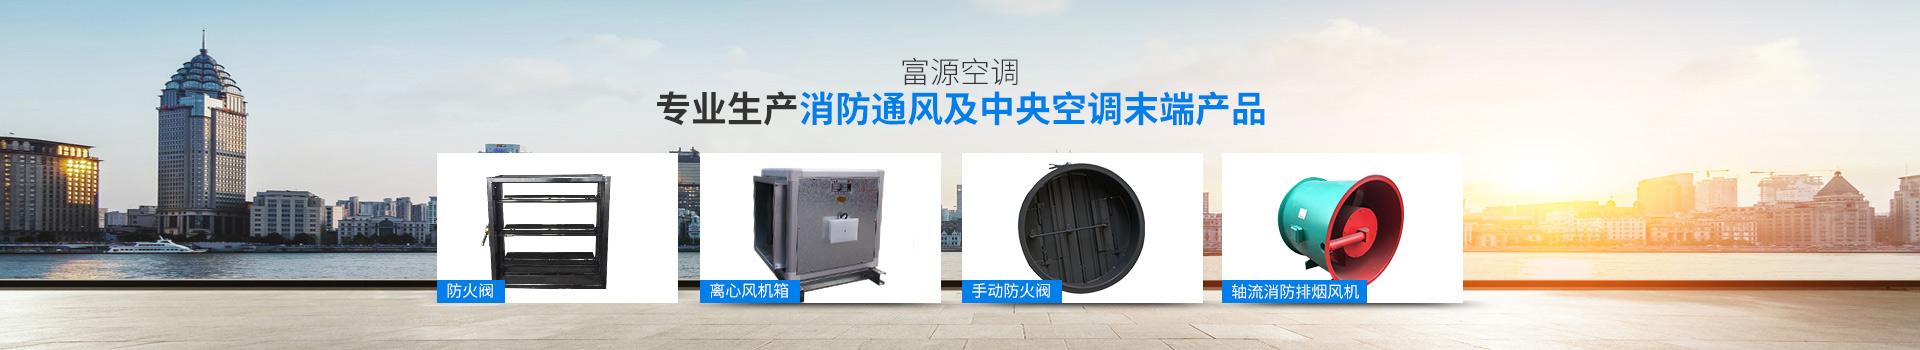 富源空调—专业生产中央空调末端产品